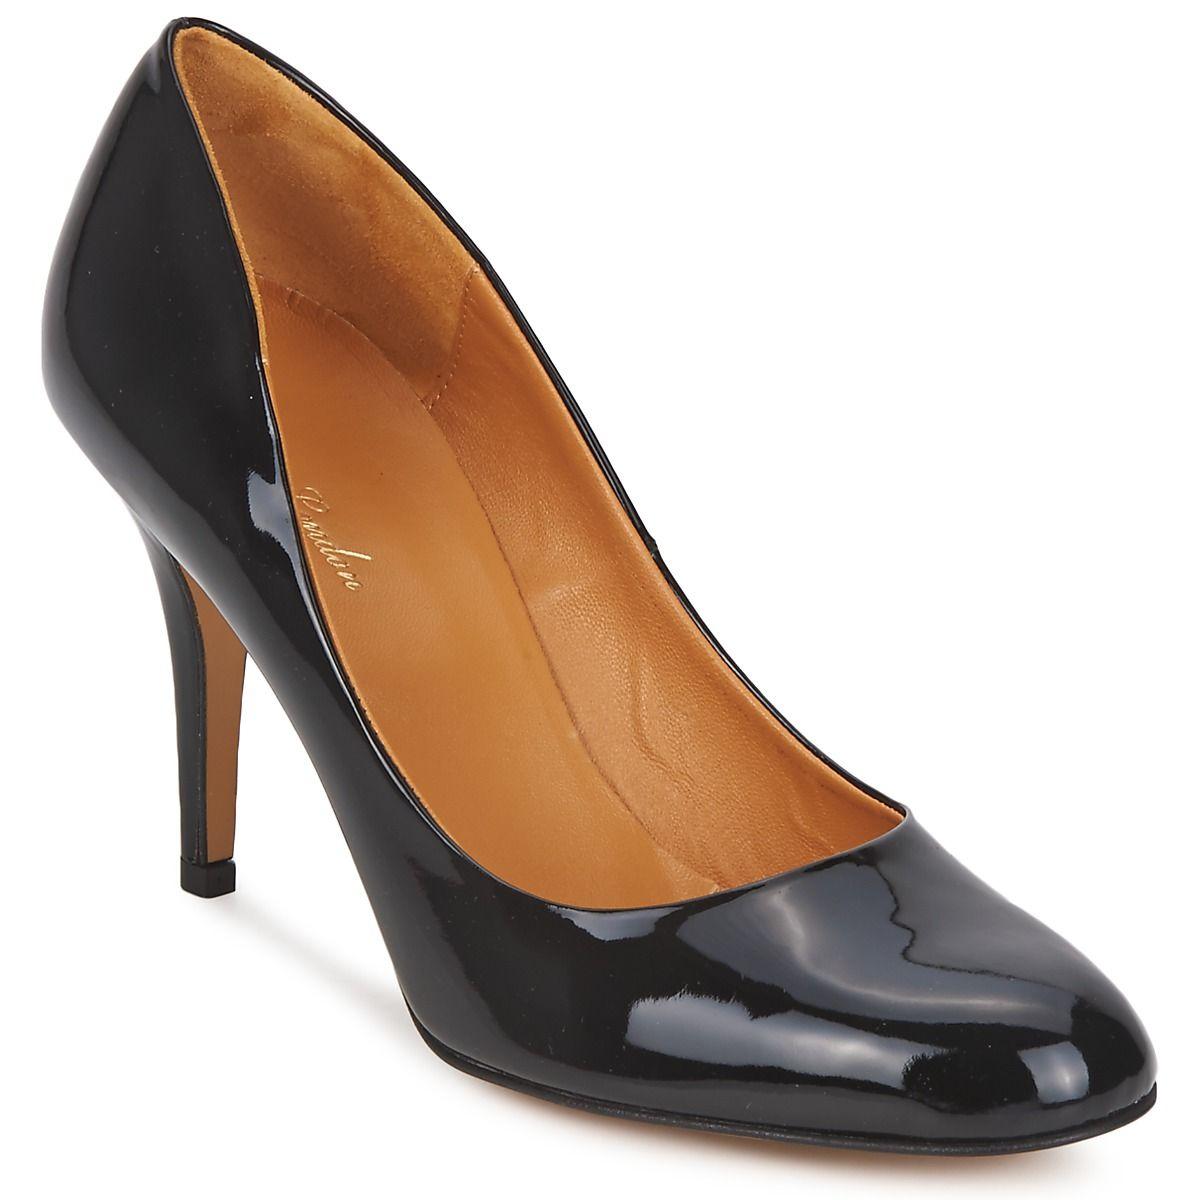 Zapatos de tacón de cuero y charol de la marca Betty London con un diseño muy femenino, para un toque sobrio y elegante.  #tacones #charol #zapatos #mujer